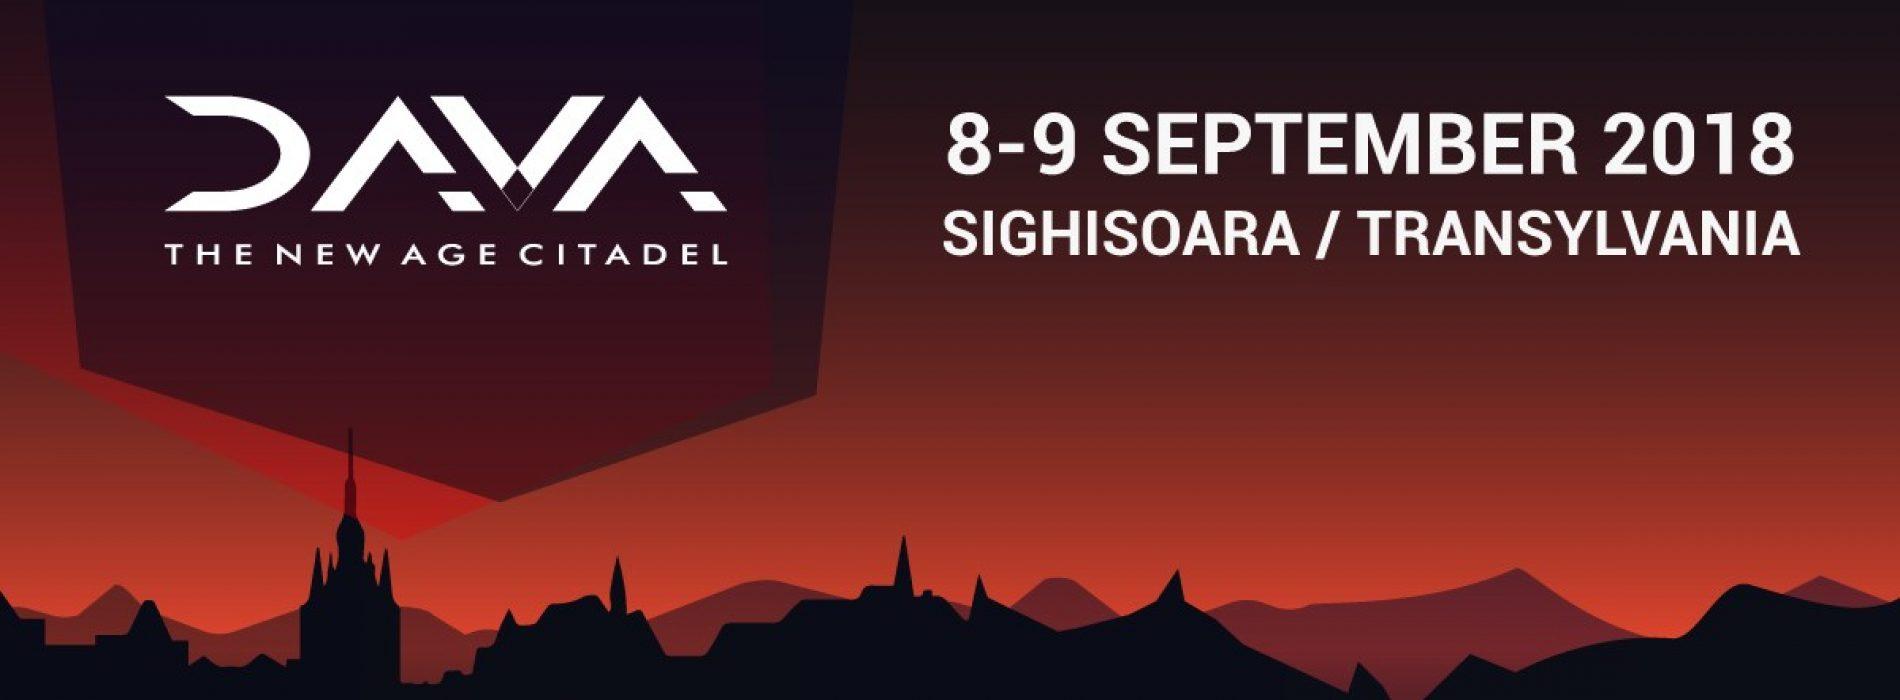 Dava, festivalul de la poalele cetăţii Sighișoara